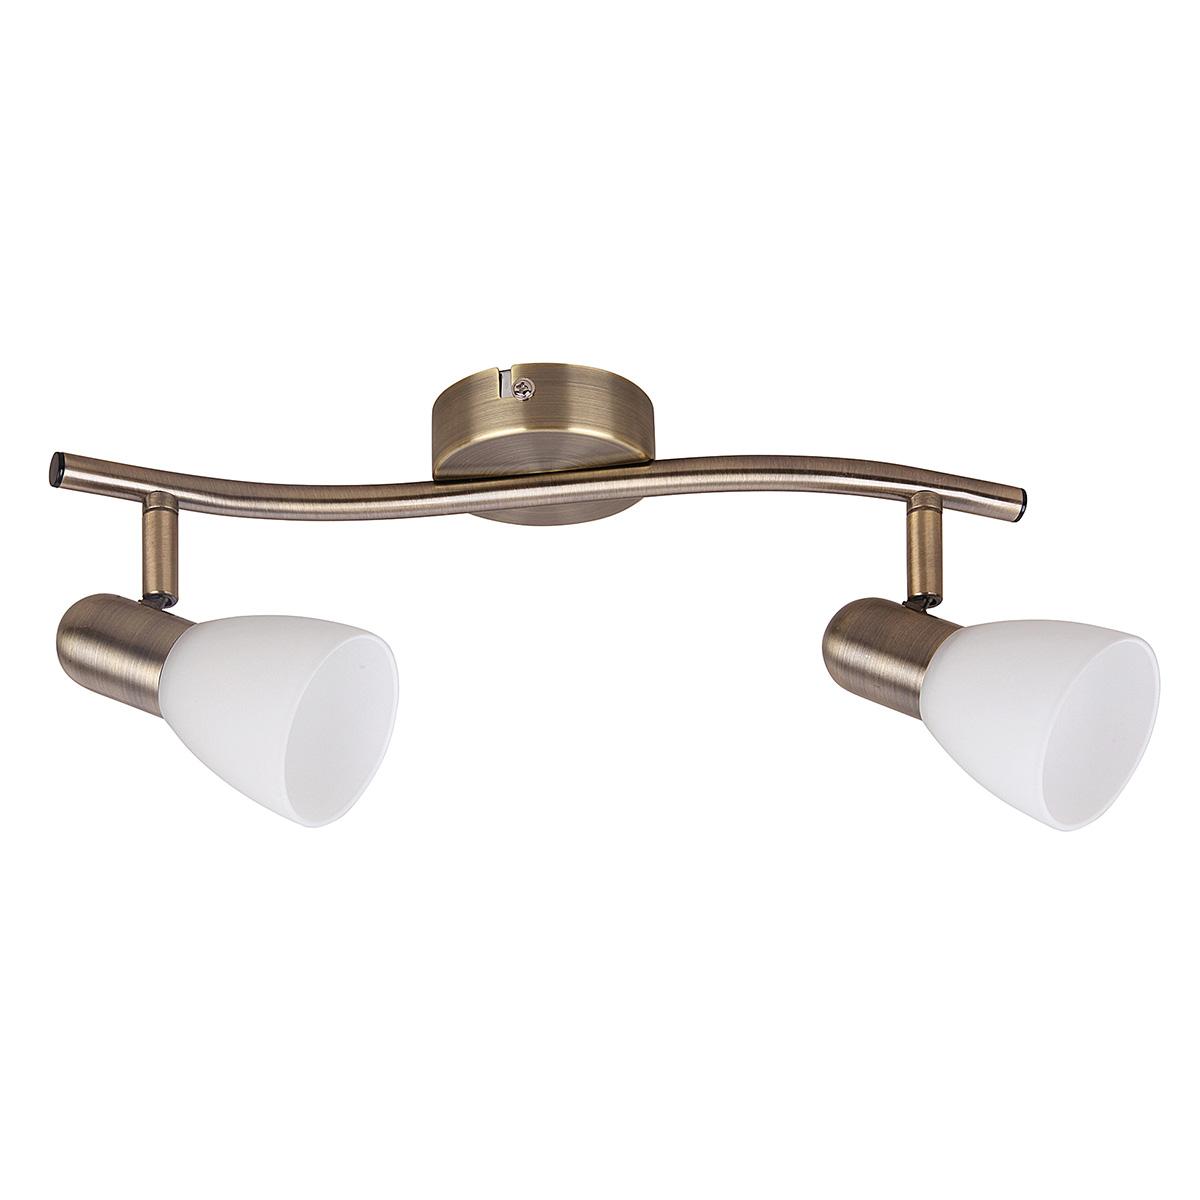 Spot lampa Soma/2 6307